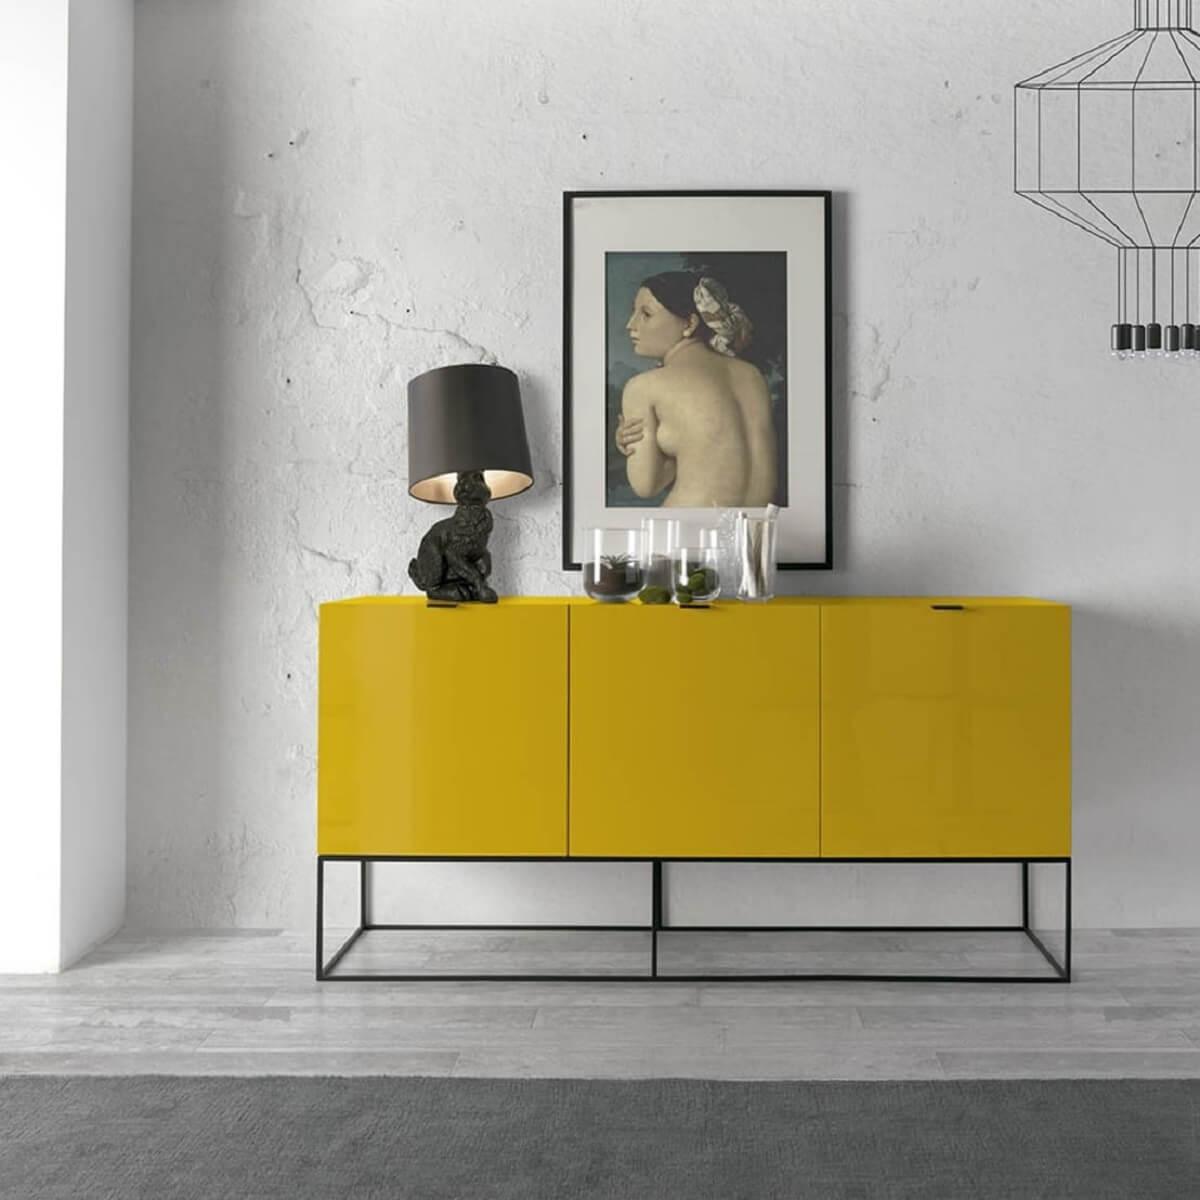 design moderno de aparador amarelo para sala